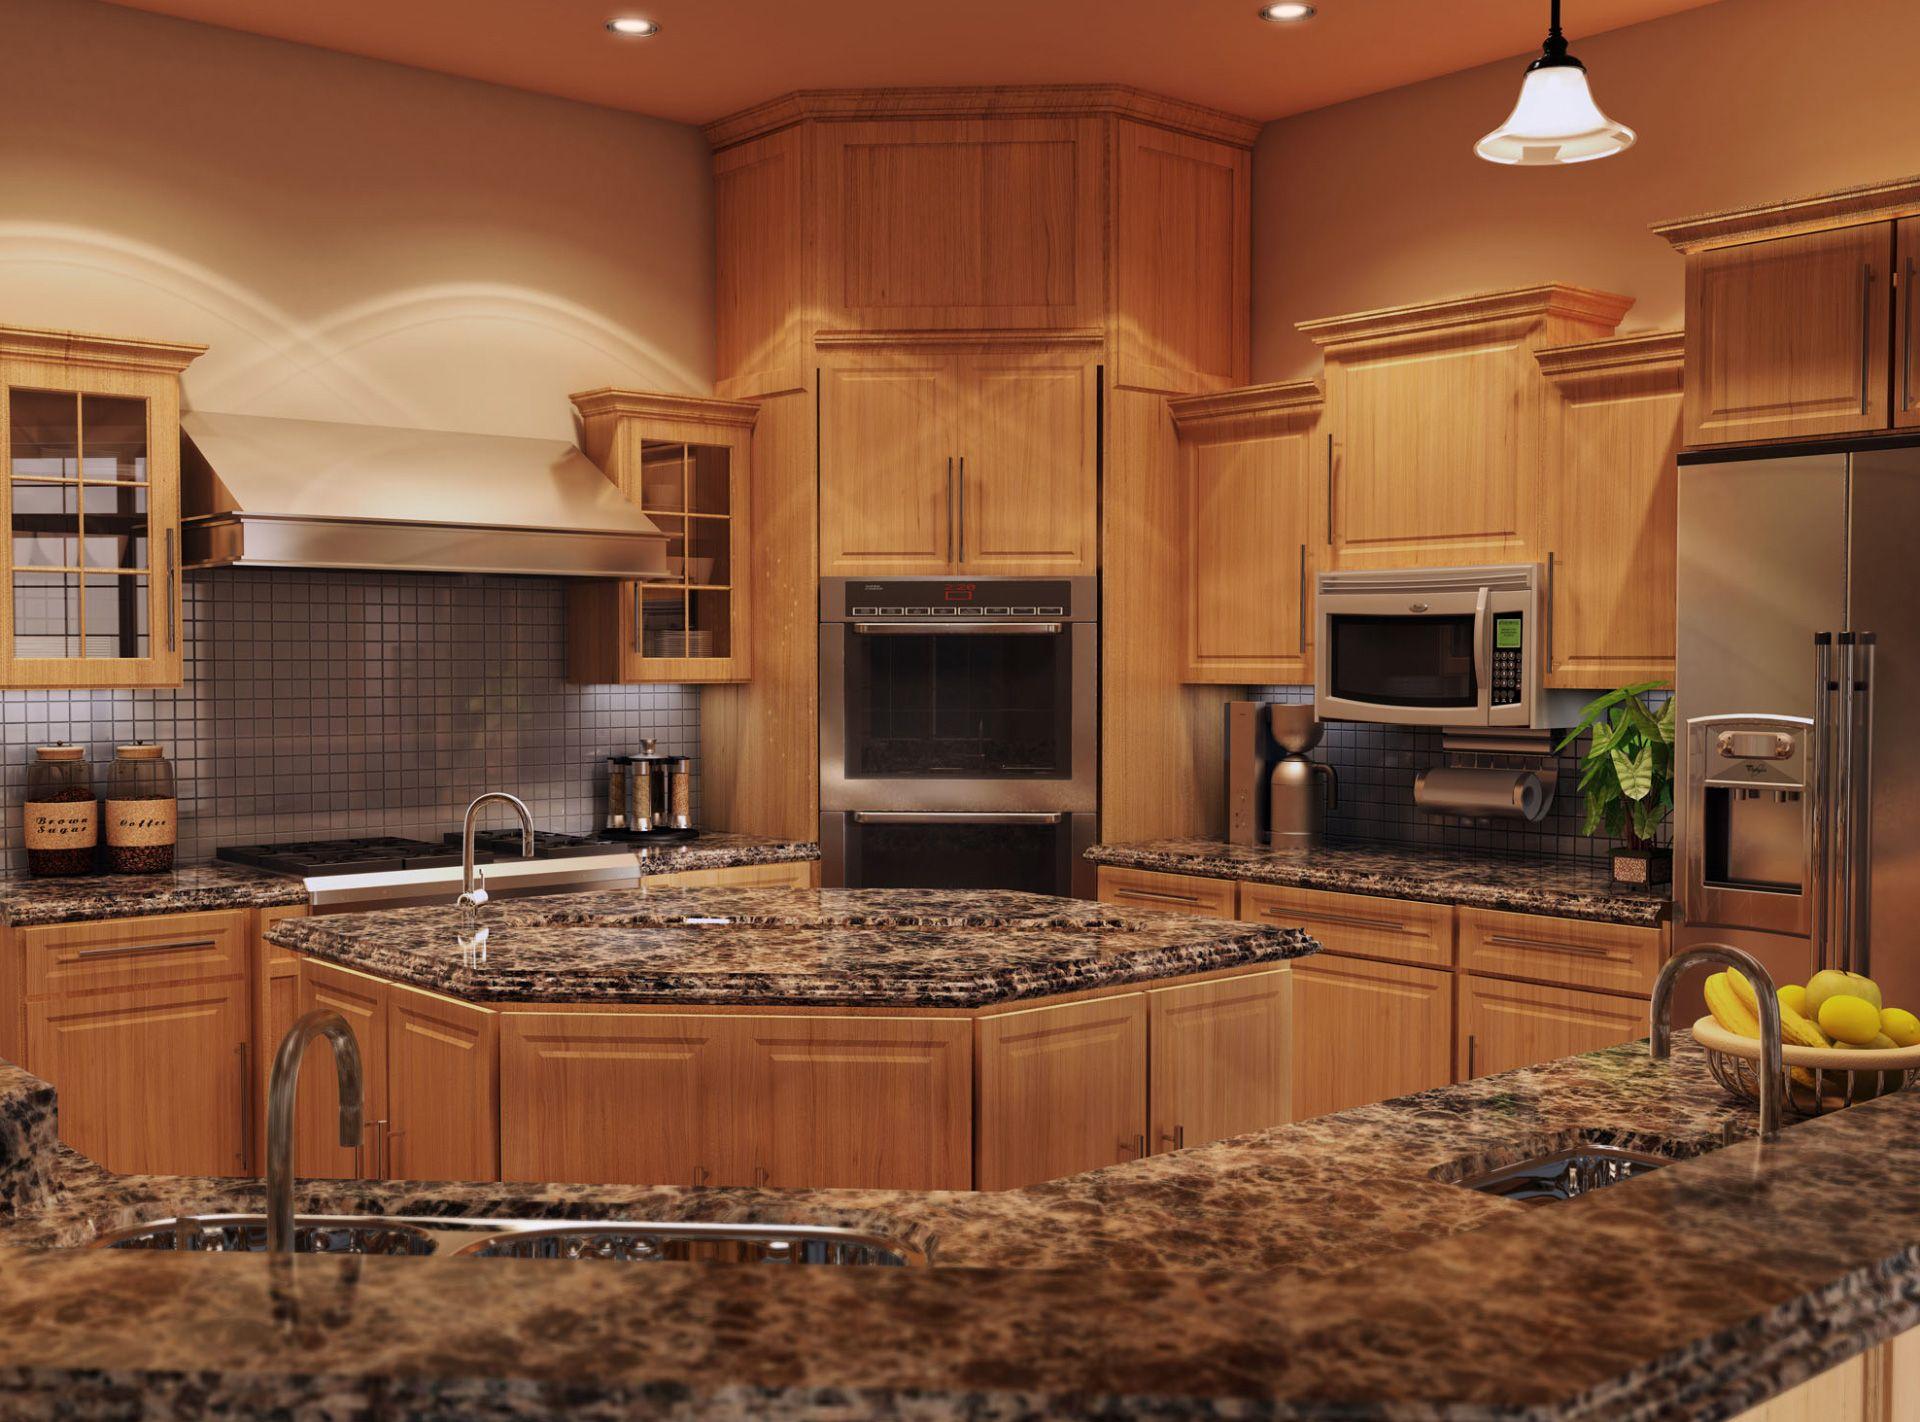 granite countertops south shore ma kitchen granite countertops Granite Countertops South S Ma Bestcountertops